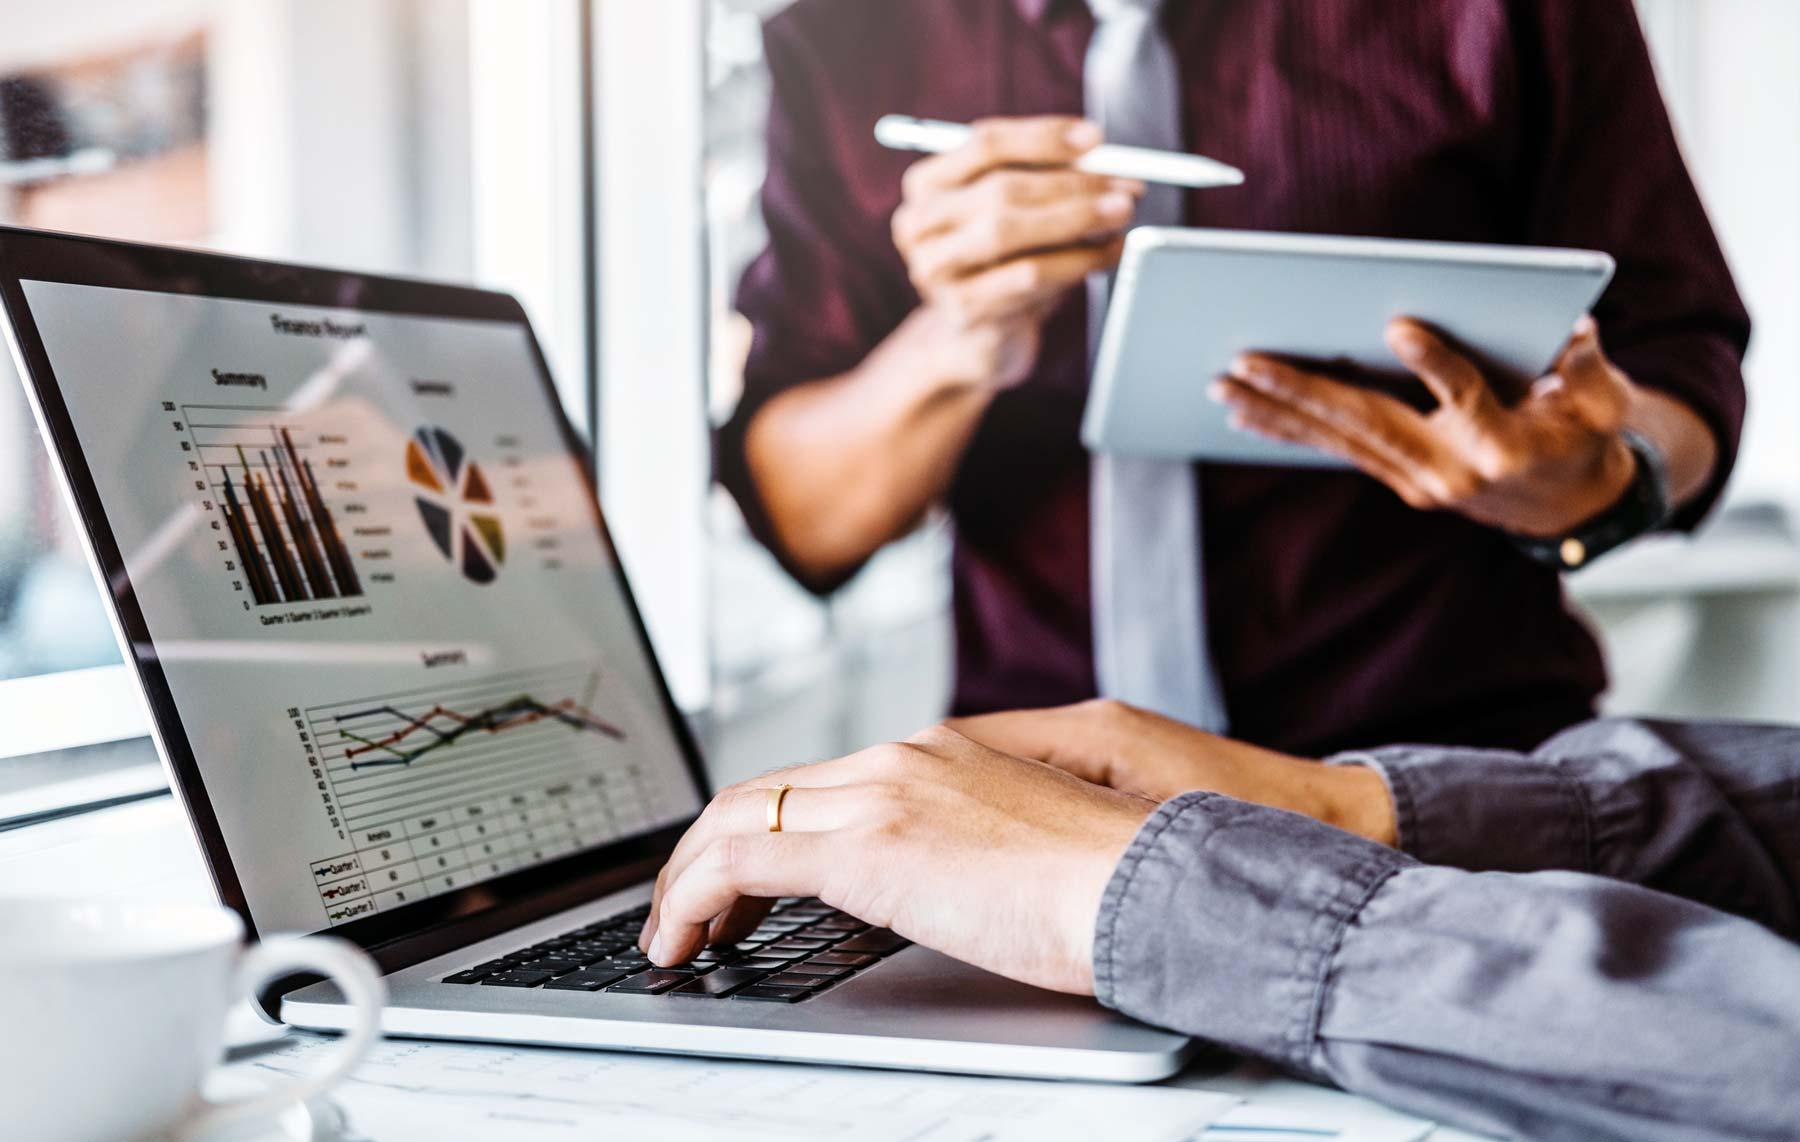 Comment le webmarketing peut m'aider à augmenter mes ventes?